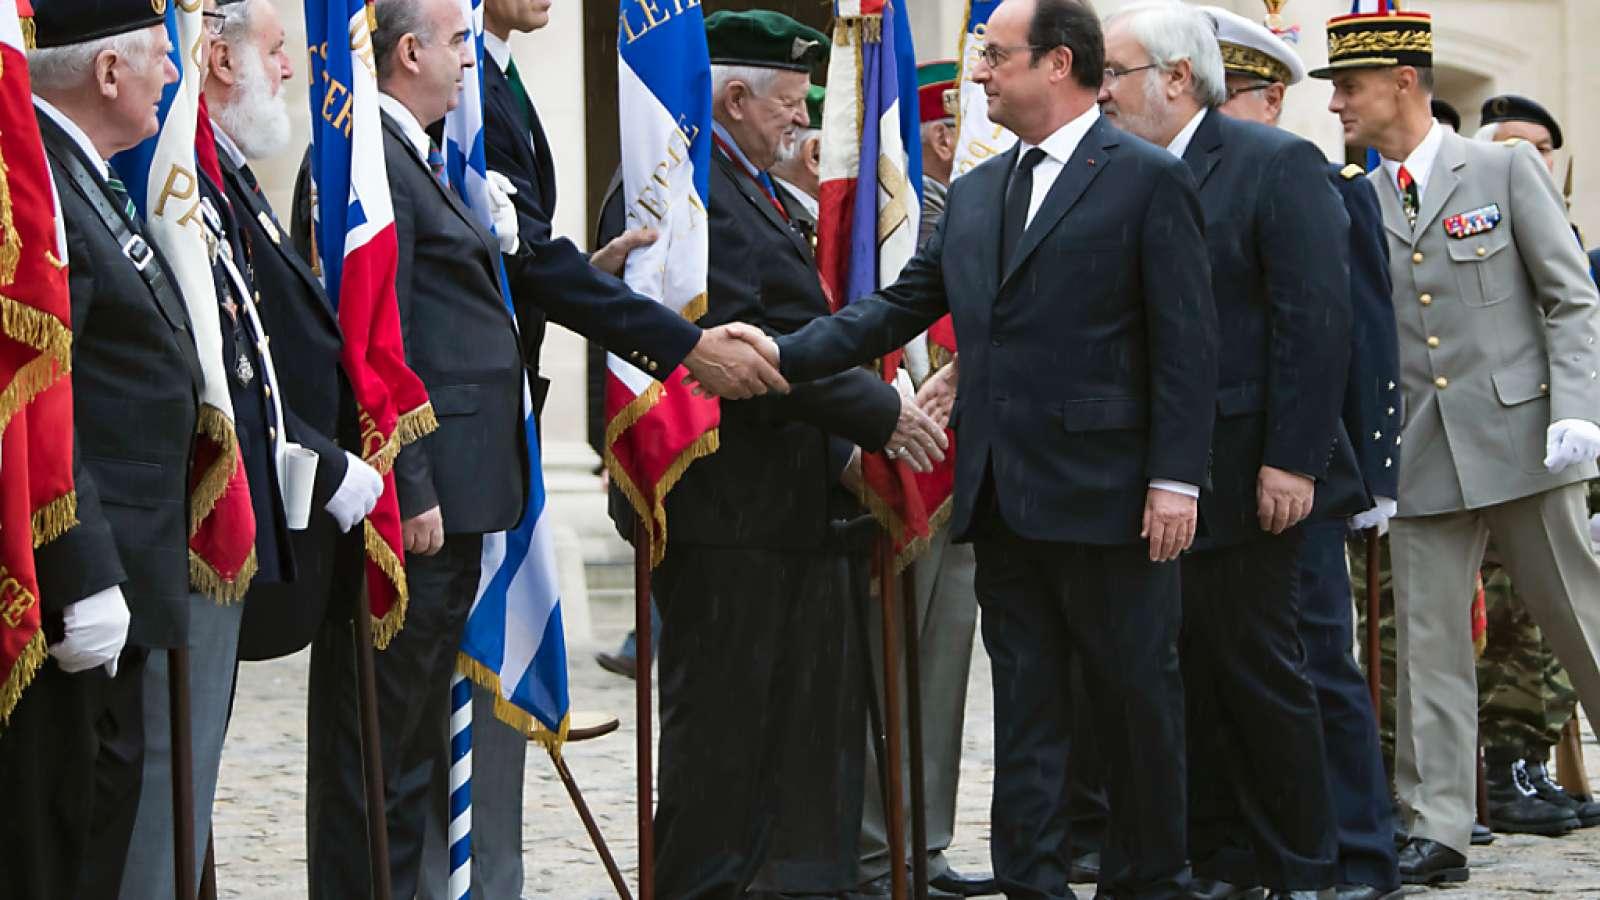 Frankreichs Präsident François Hollande beim Treffen in Paris mit Veteranen des Algerienkriegs